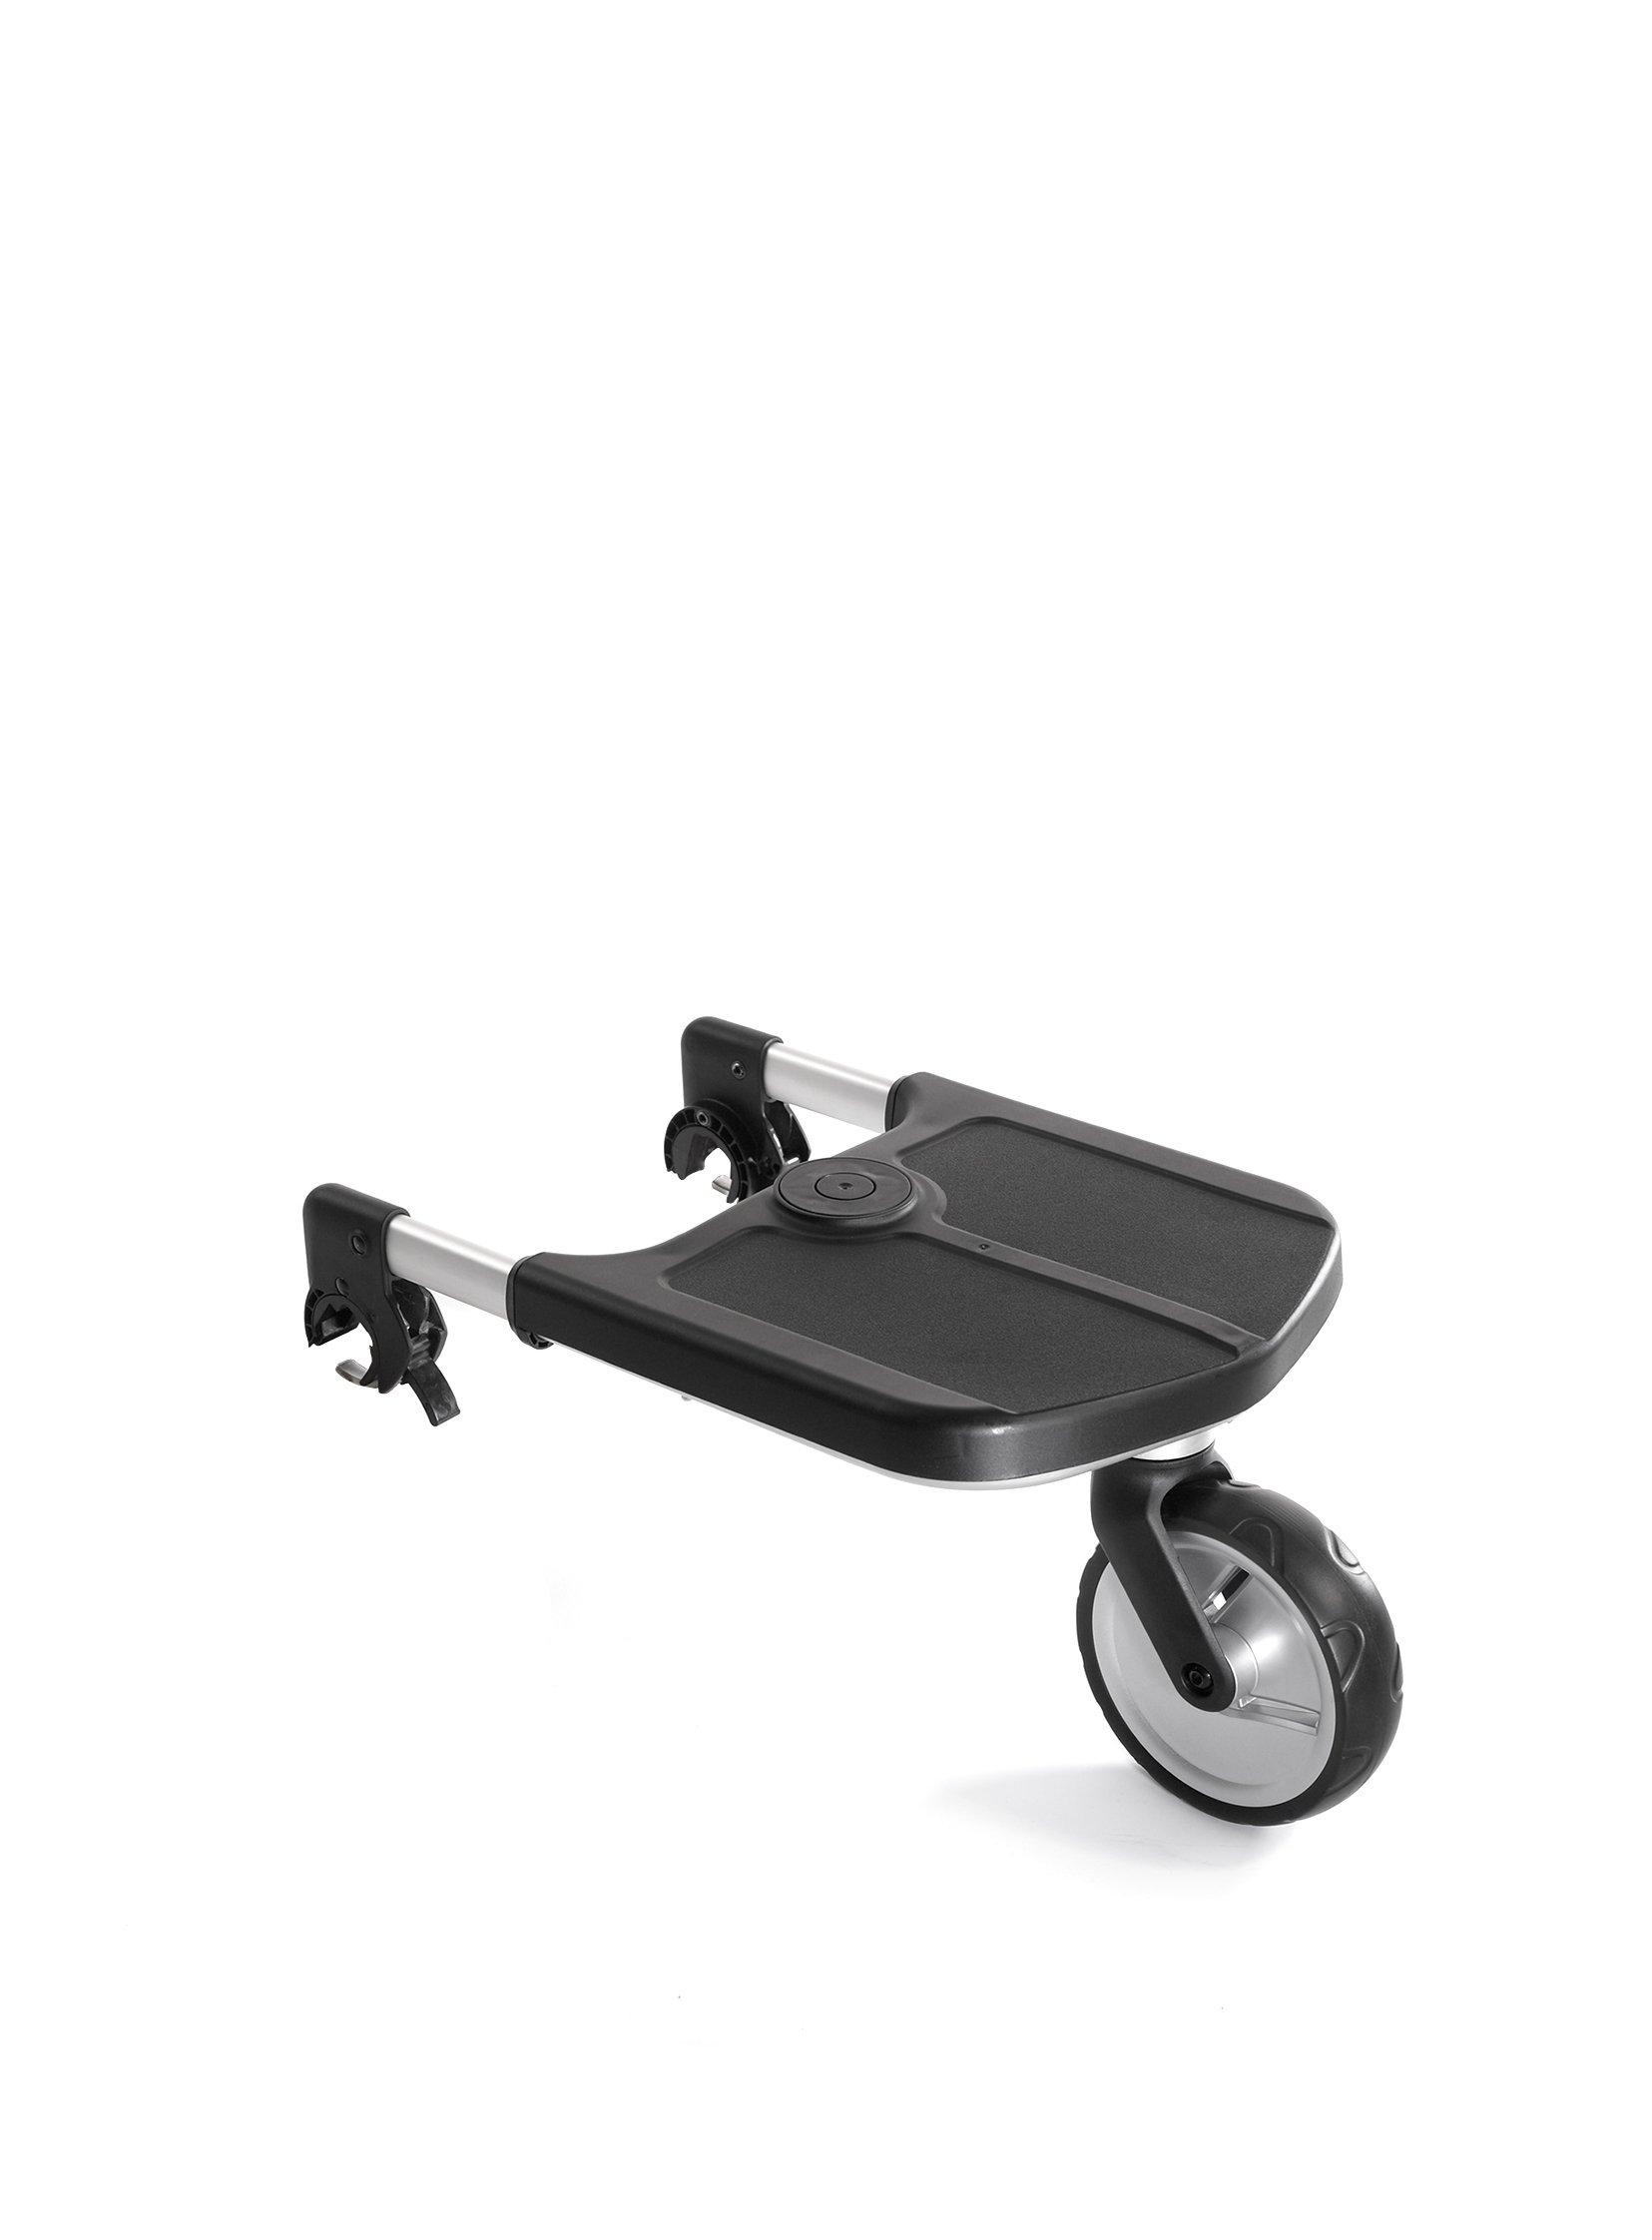 Mutsy Igo and Evo Stroller Step-up Board Attachment, Black